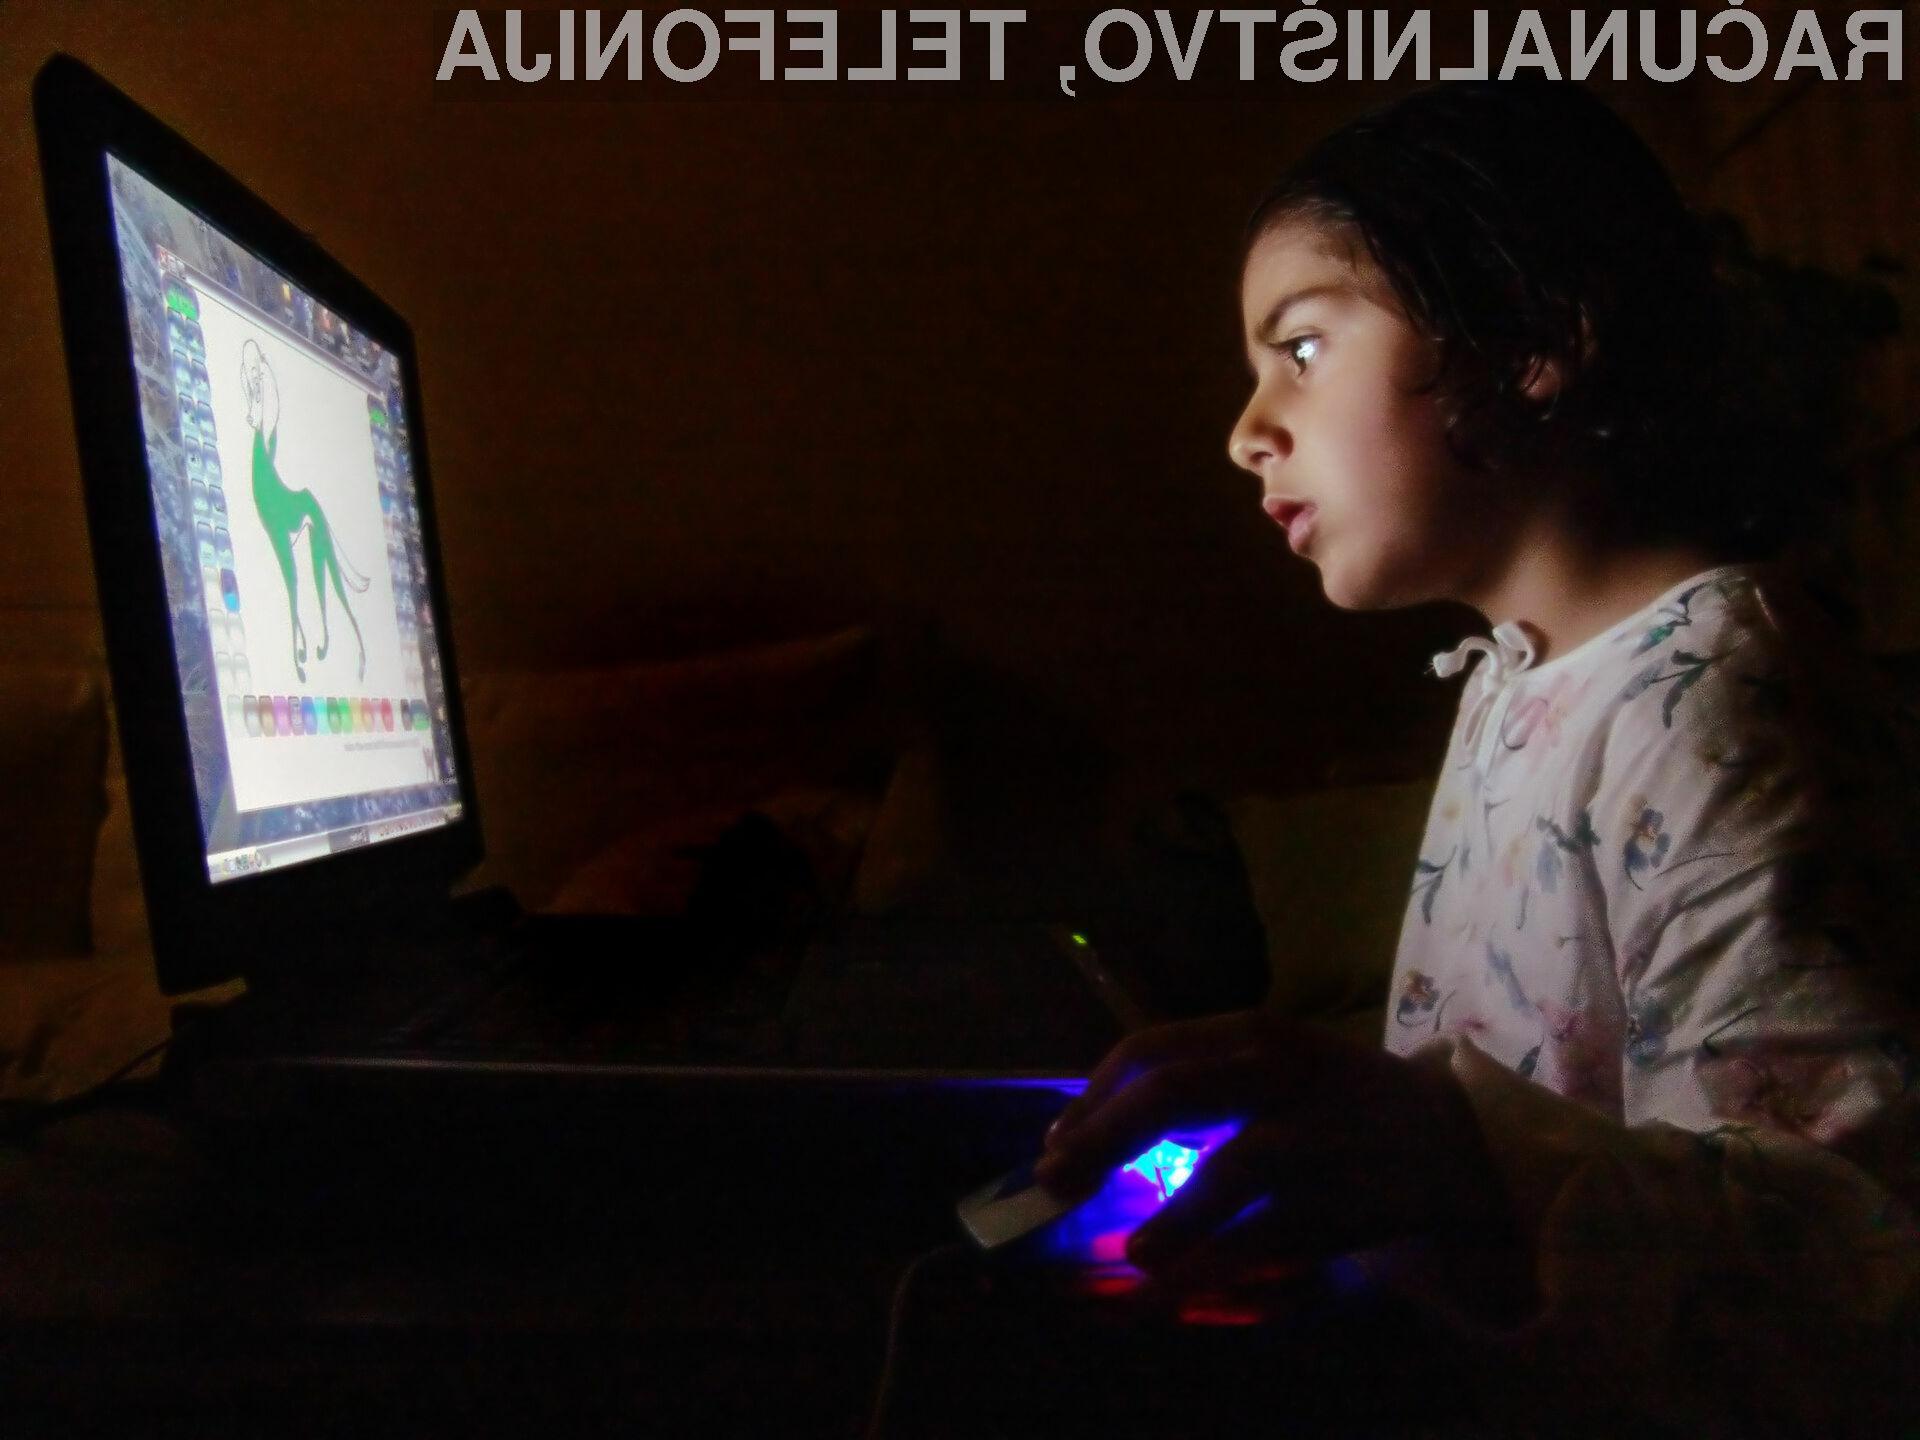 Pretirana uporaba interneta lahko poslabša naše kognitivne sposobnosti.